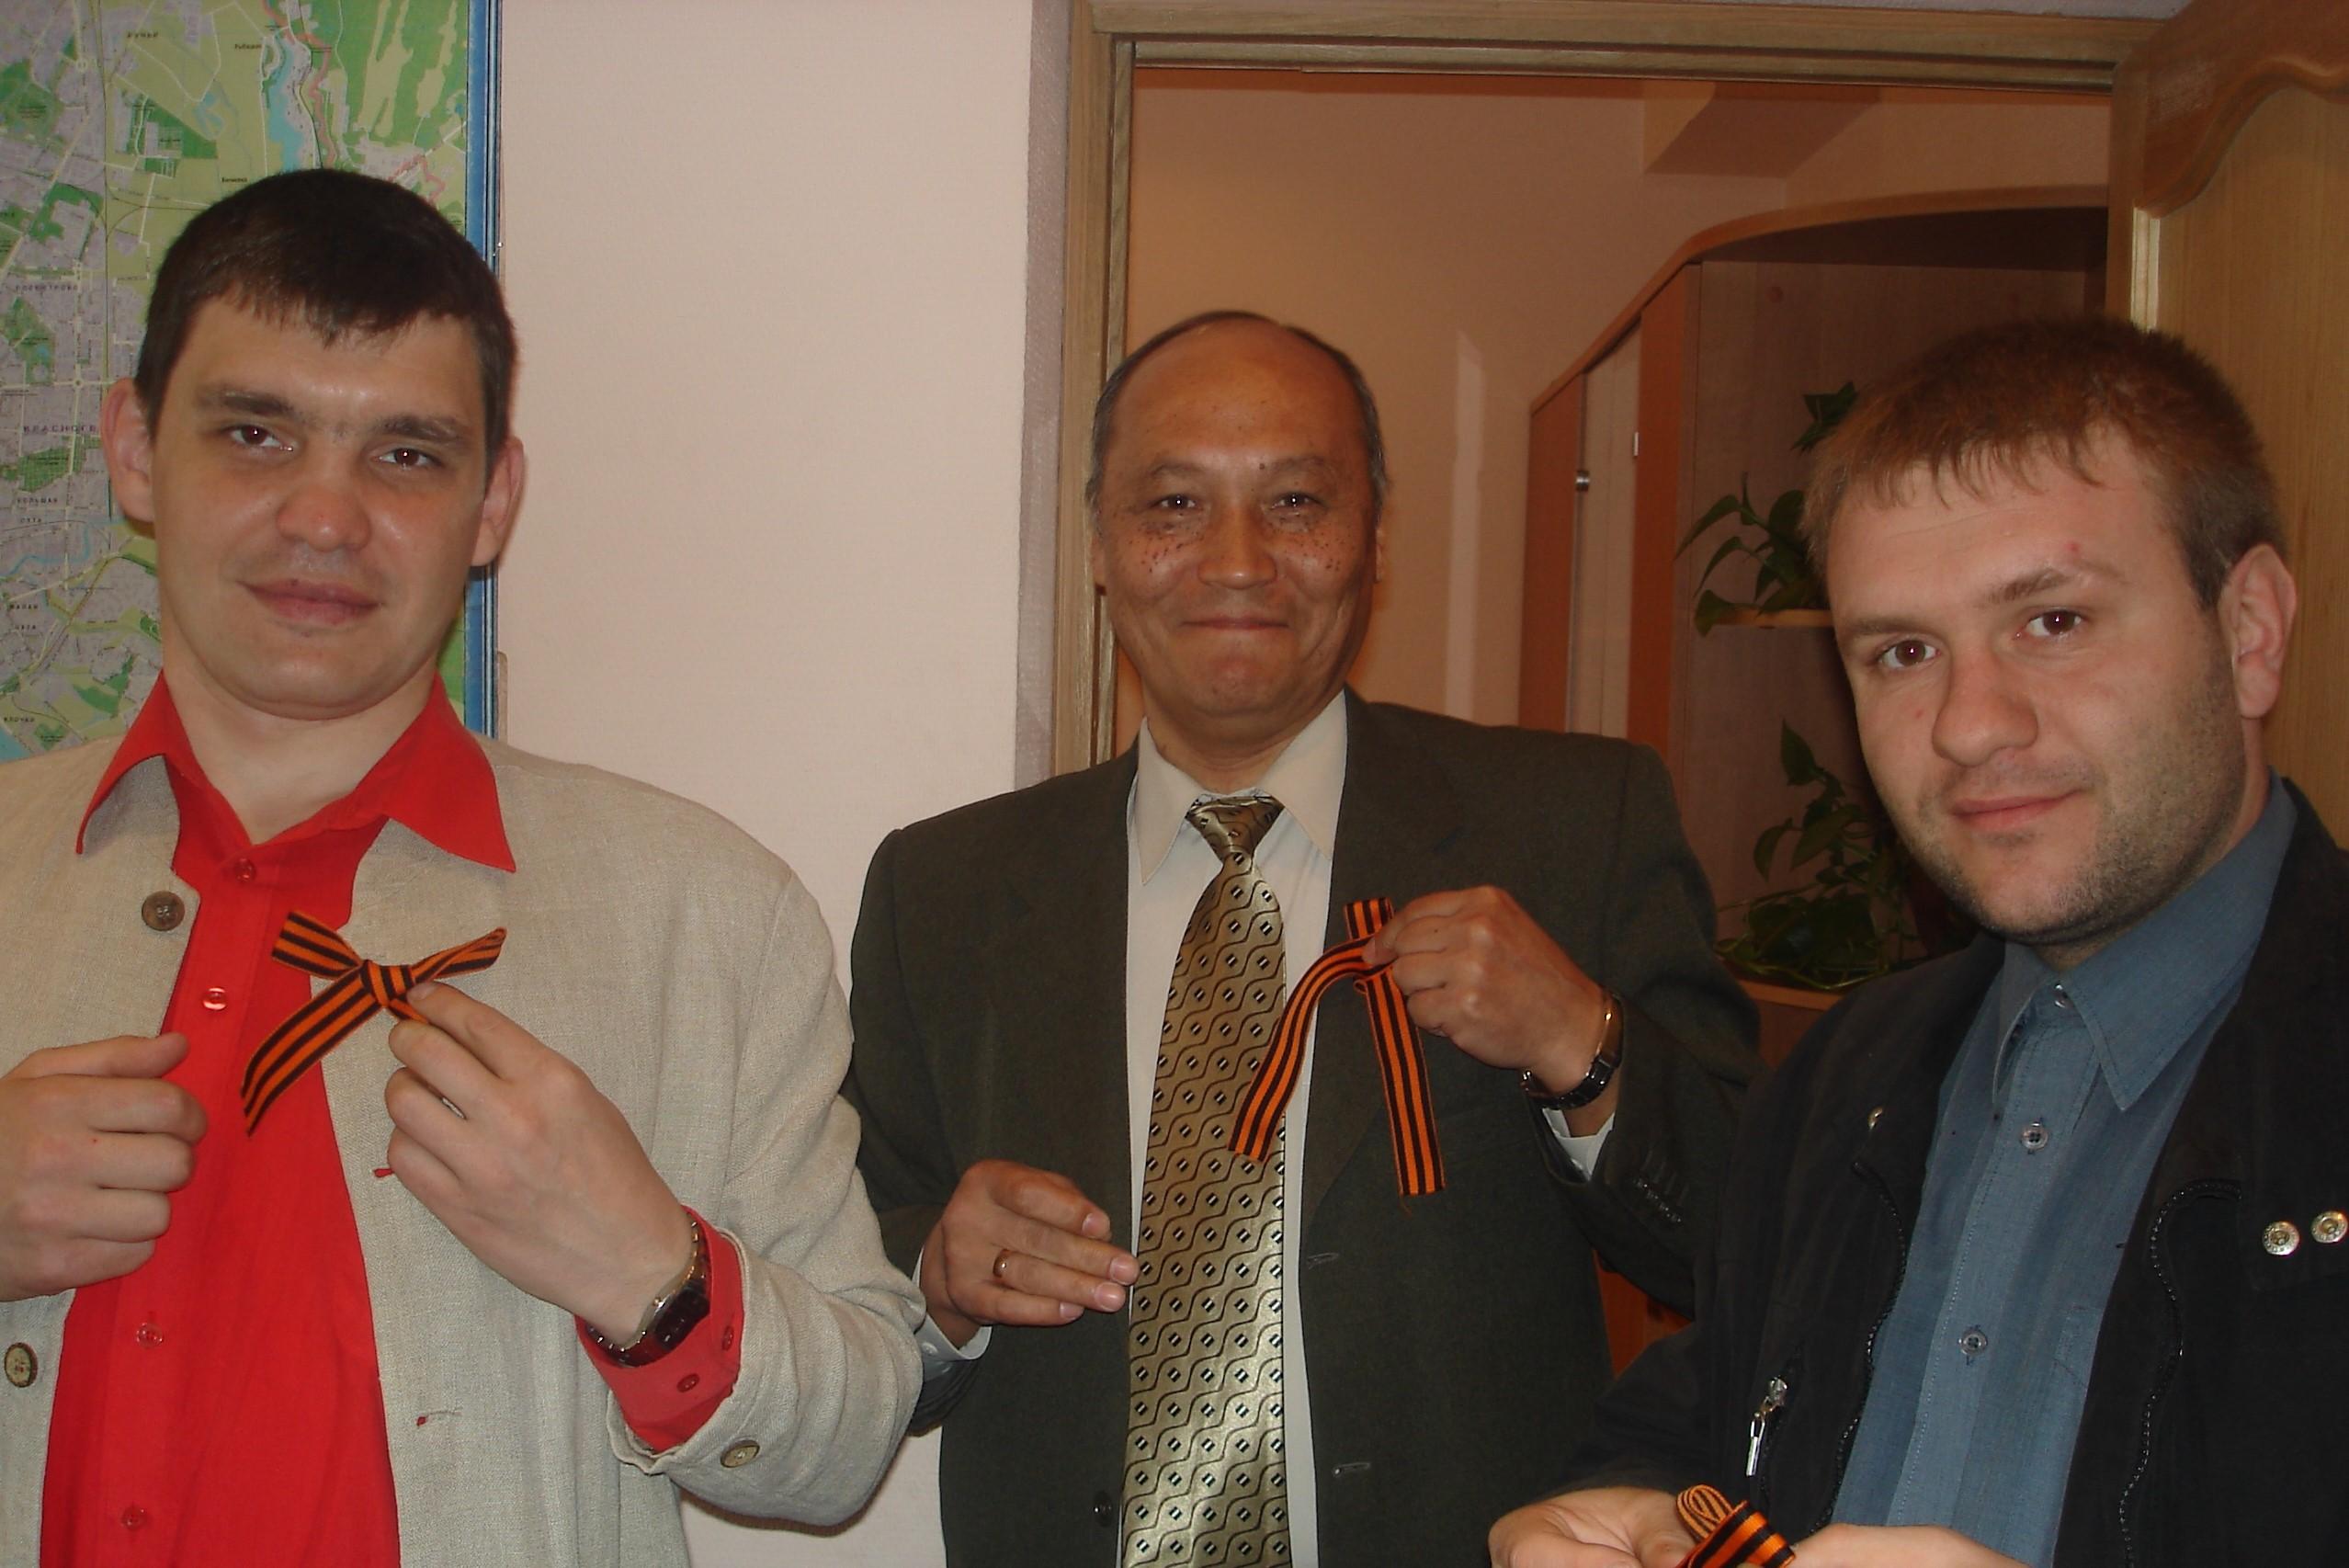 Подготовка к празднованию Дня Победы в 2008 году (слева направо – А. Капустин, В. Ложечко, О. Келасьев)